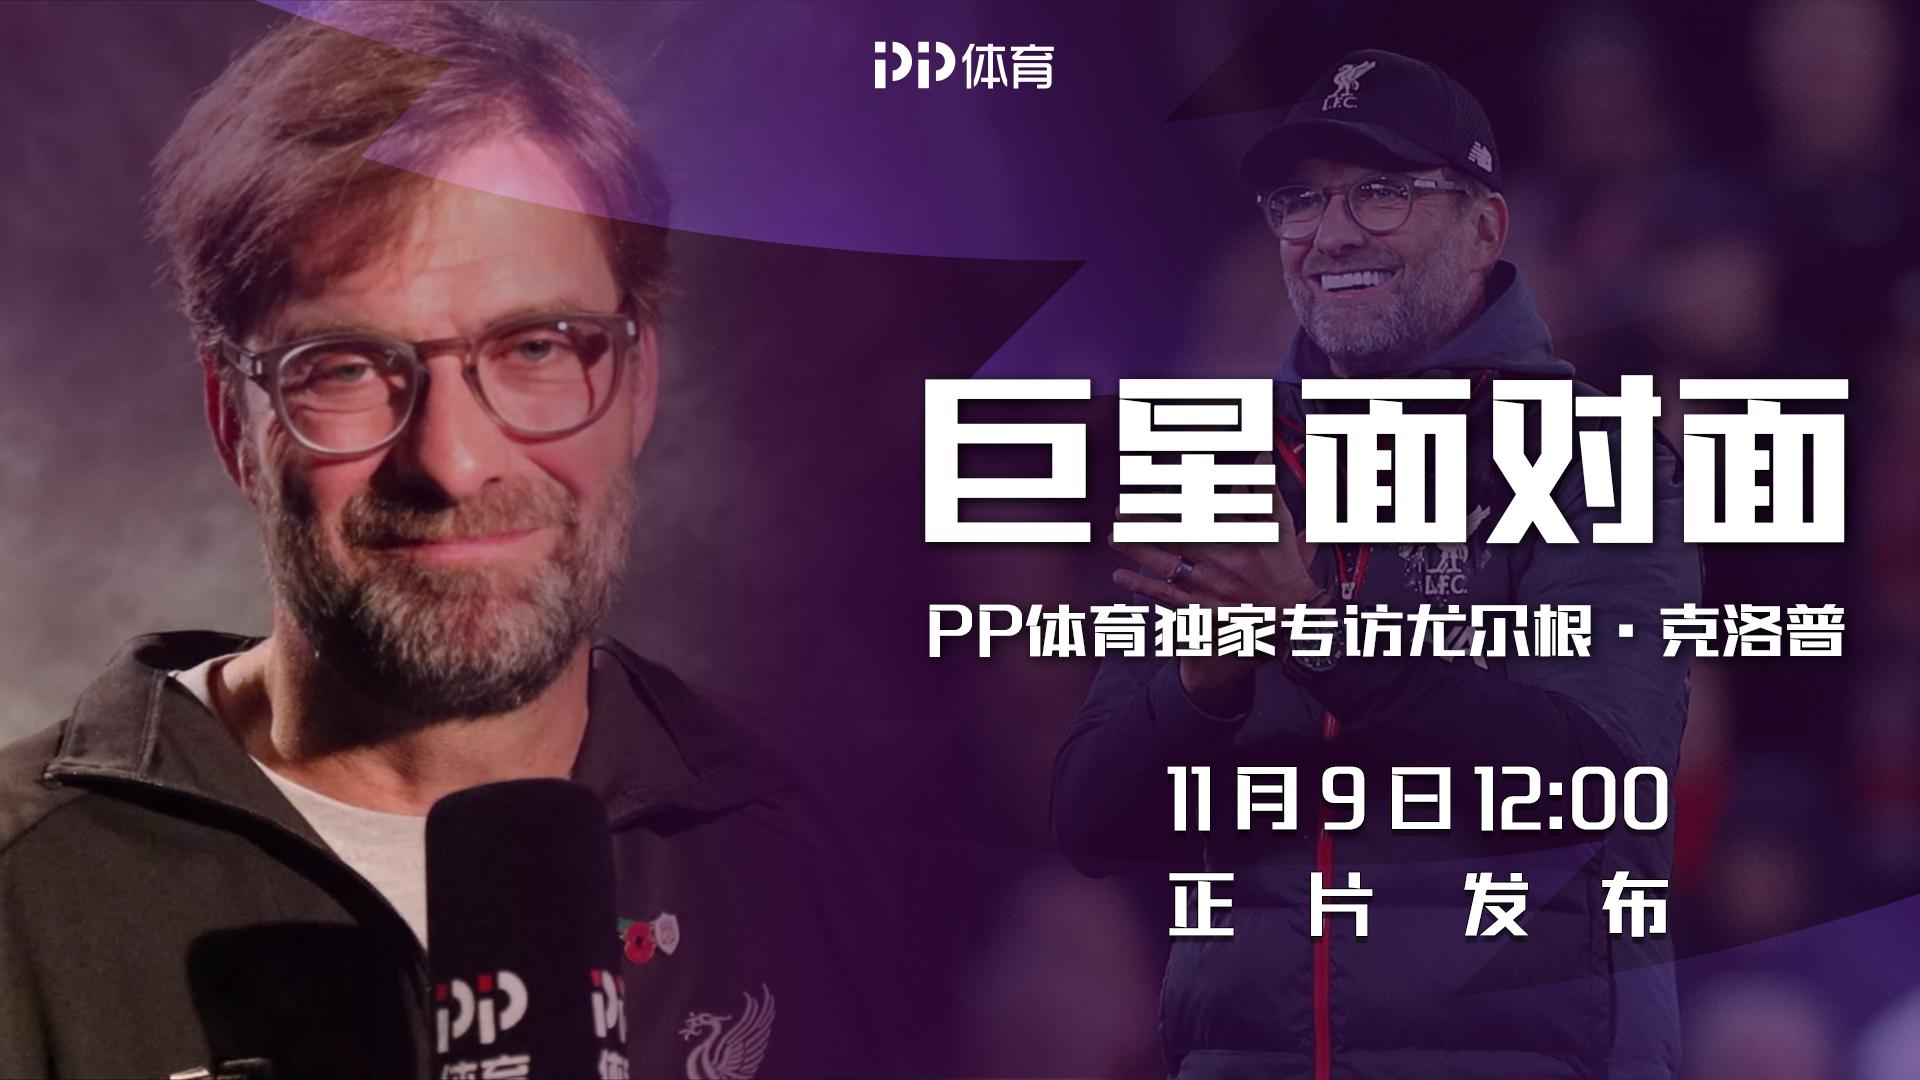 克洛普接受PP体育专访 露标志性笑容招呼中国球迷为红军助威